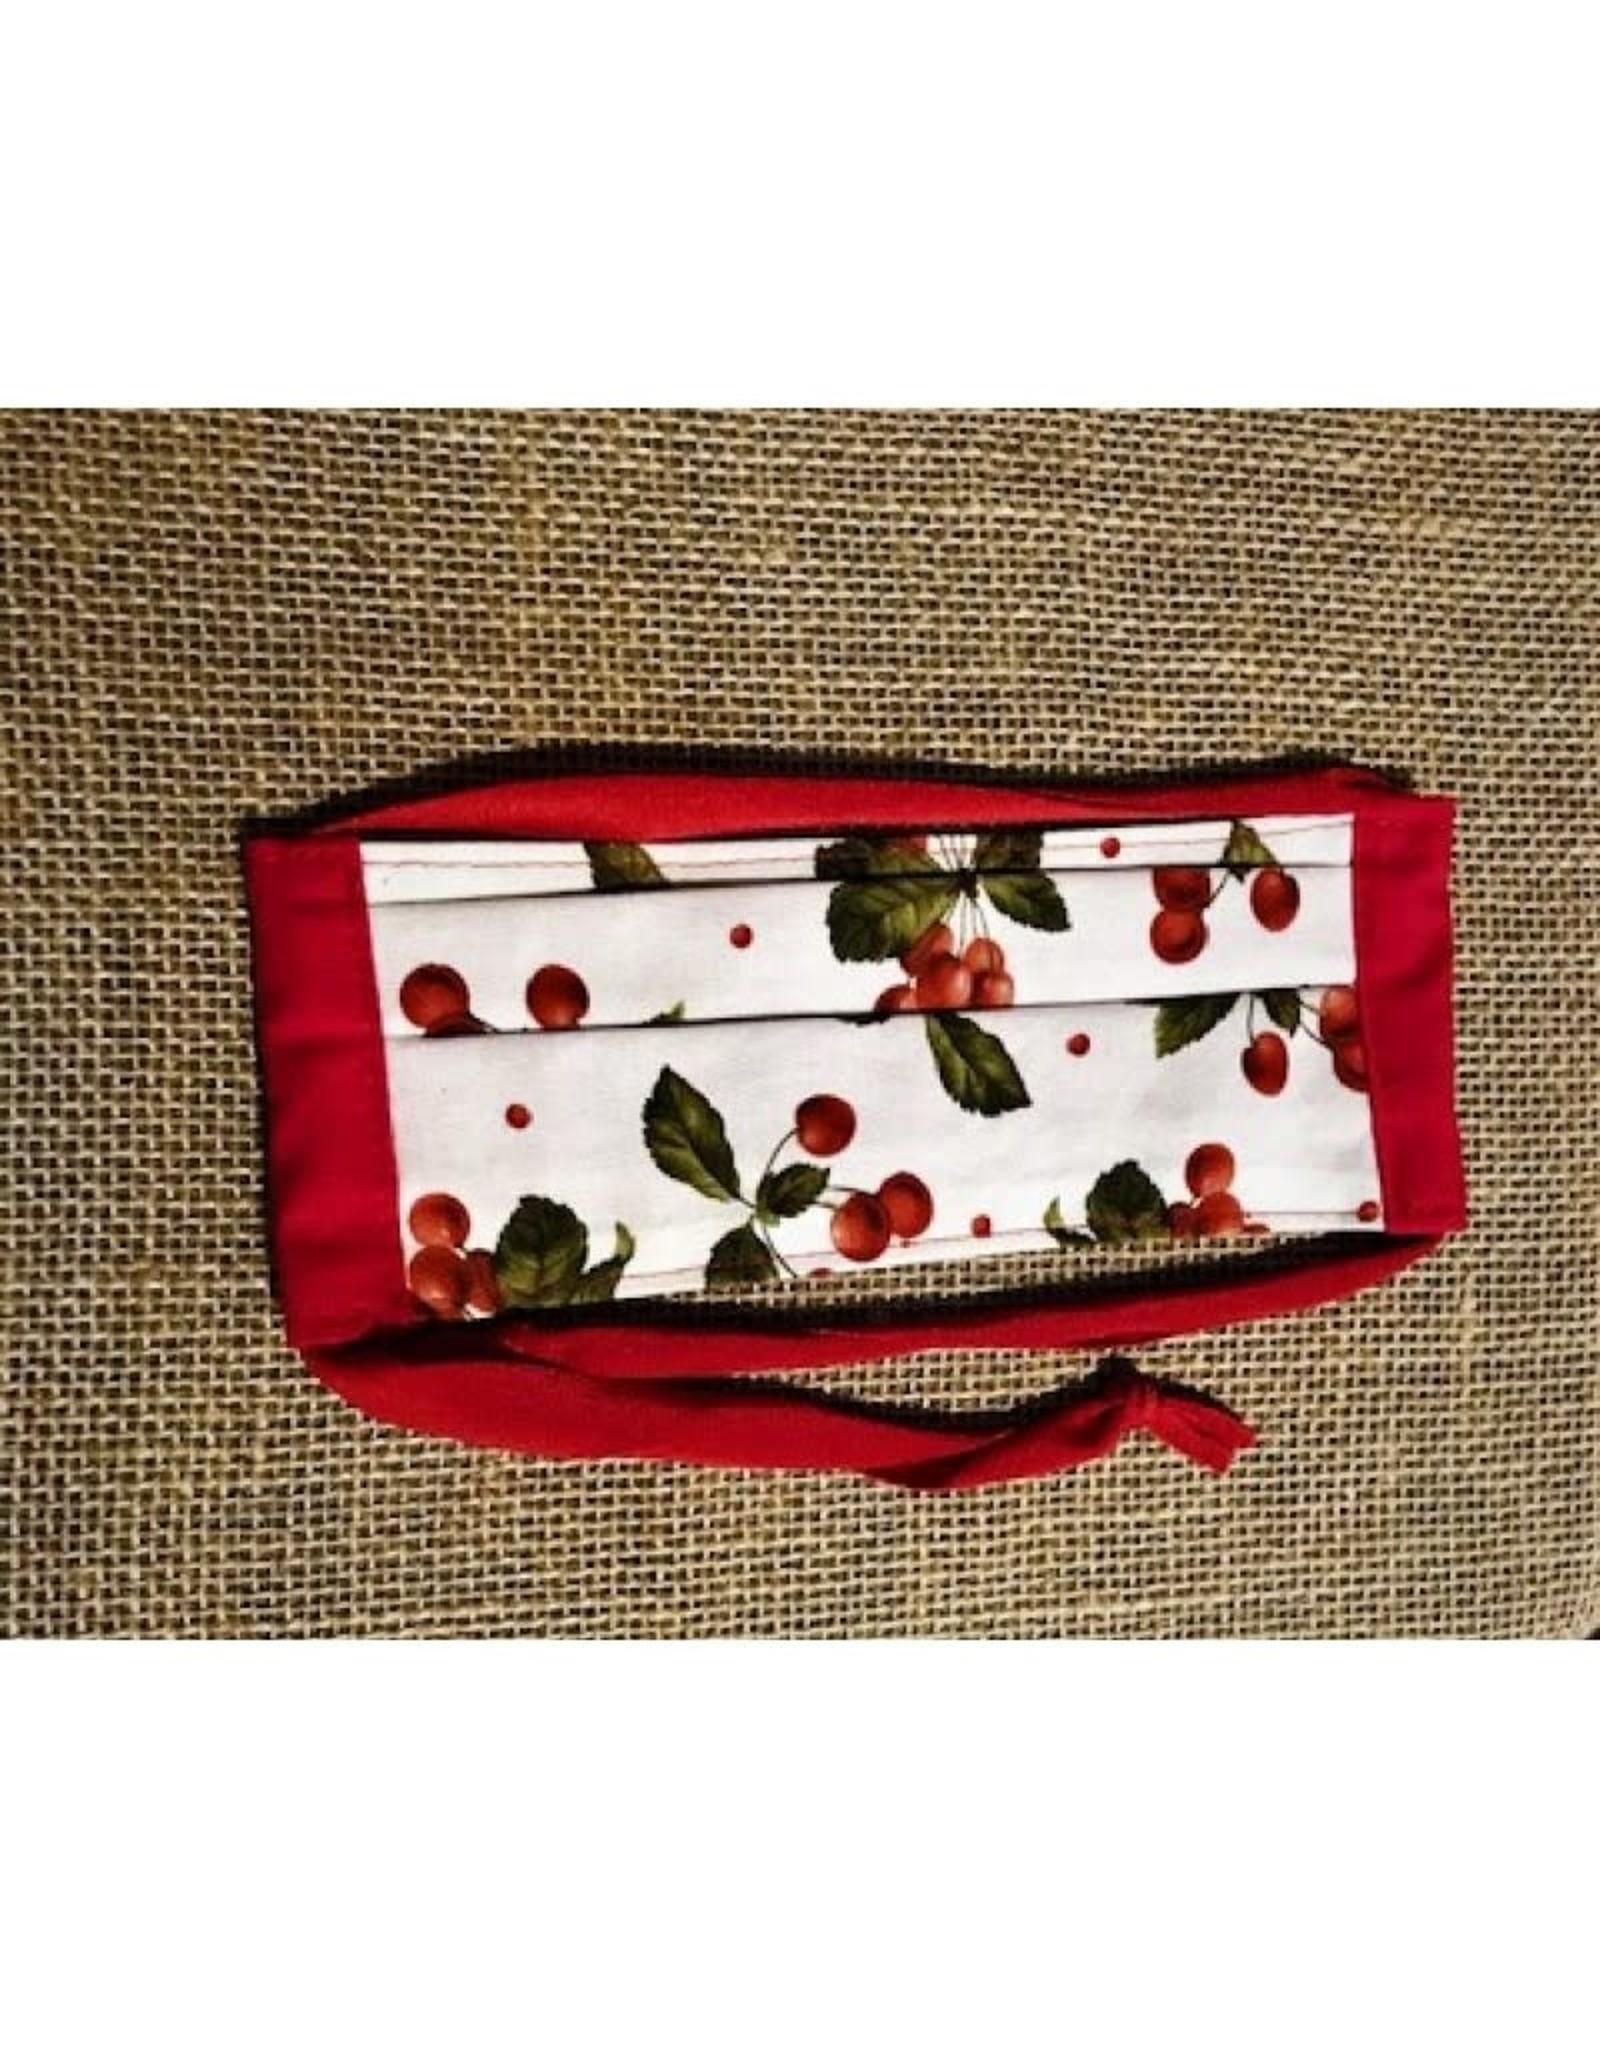 Bear Den Handmade Cotton Mask - Cherries on White